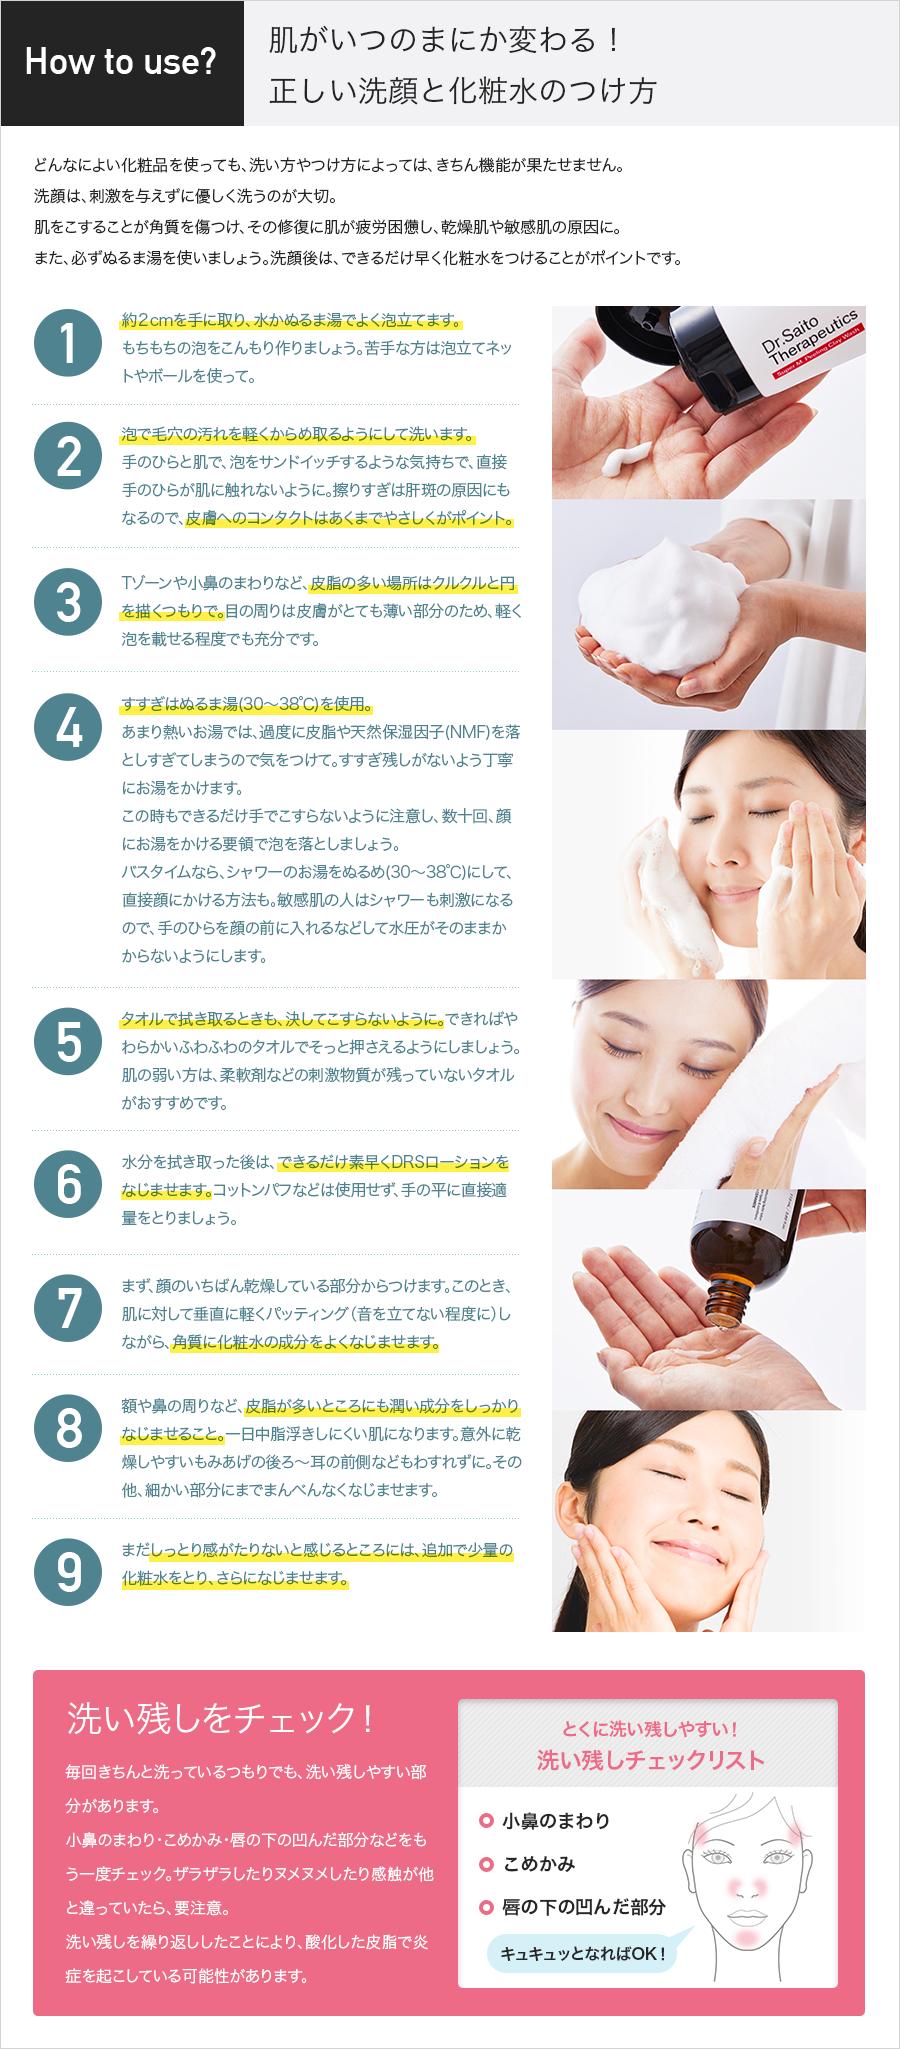 肌がいつのまにか変わる!正しい洗顔の仕方